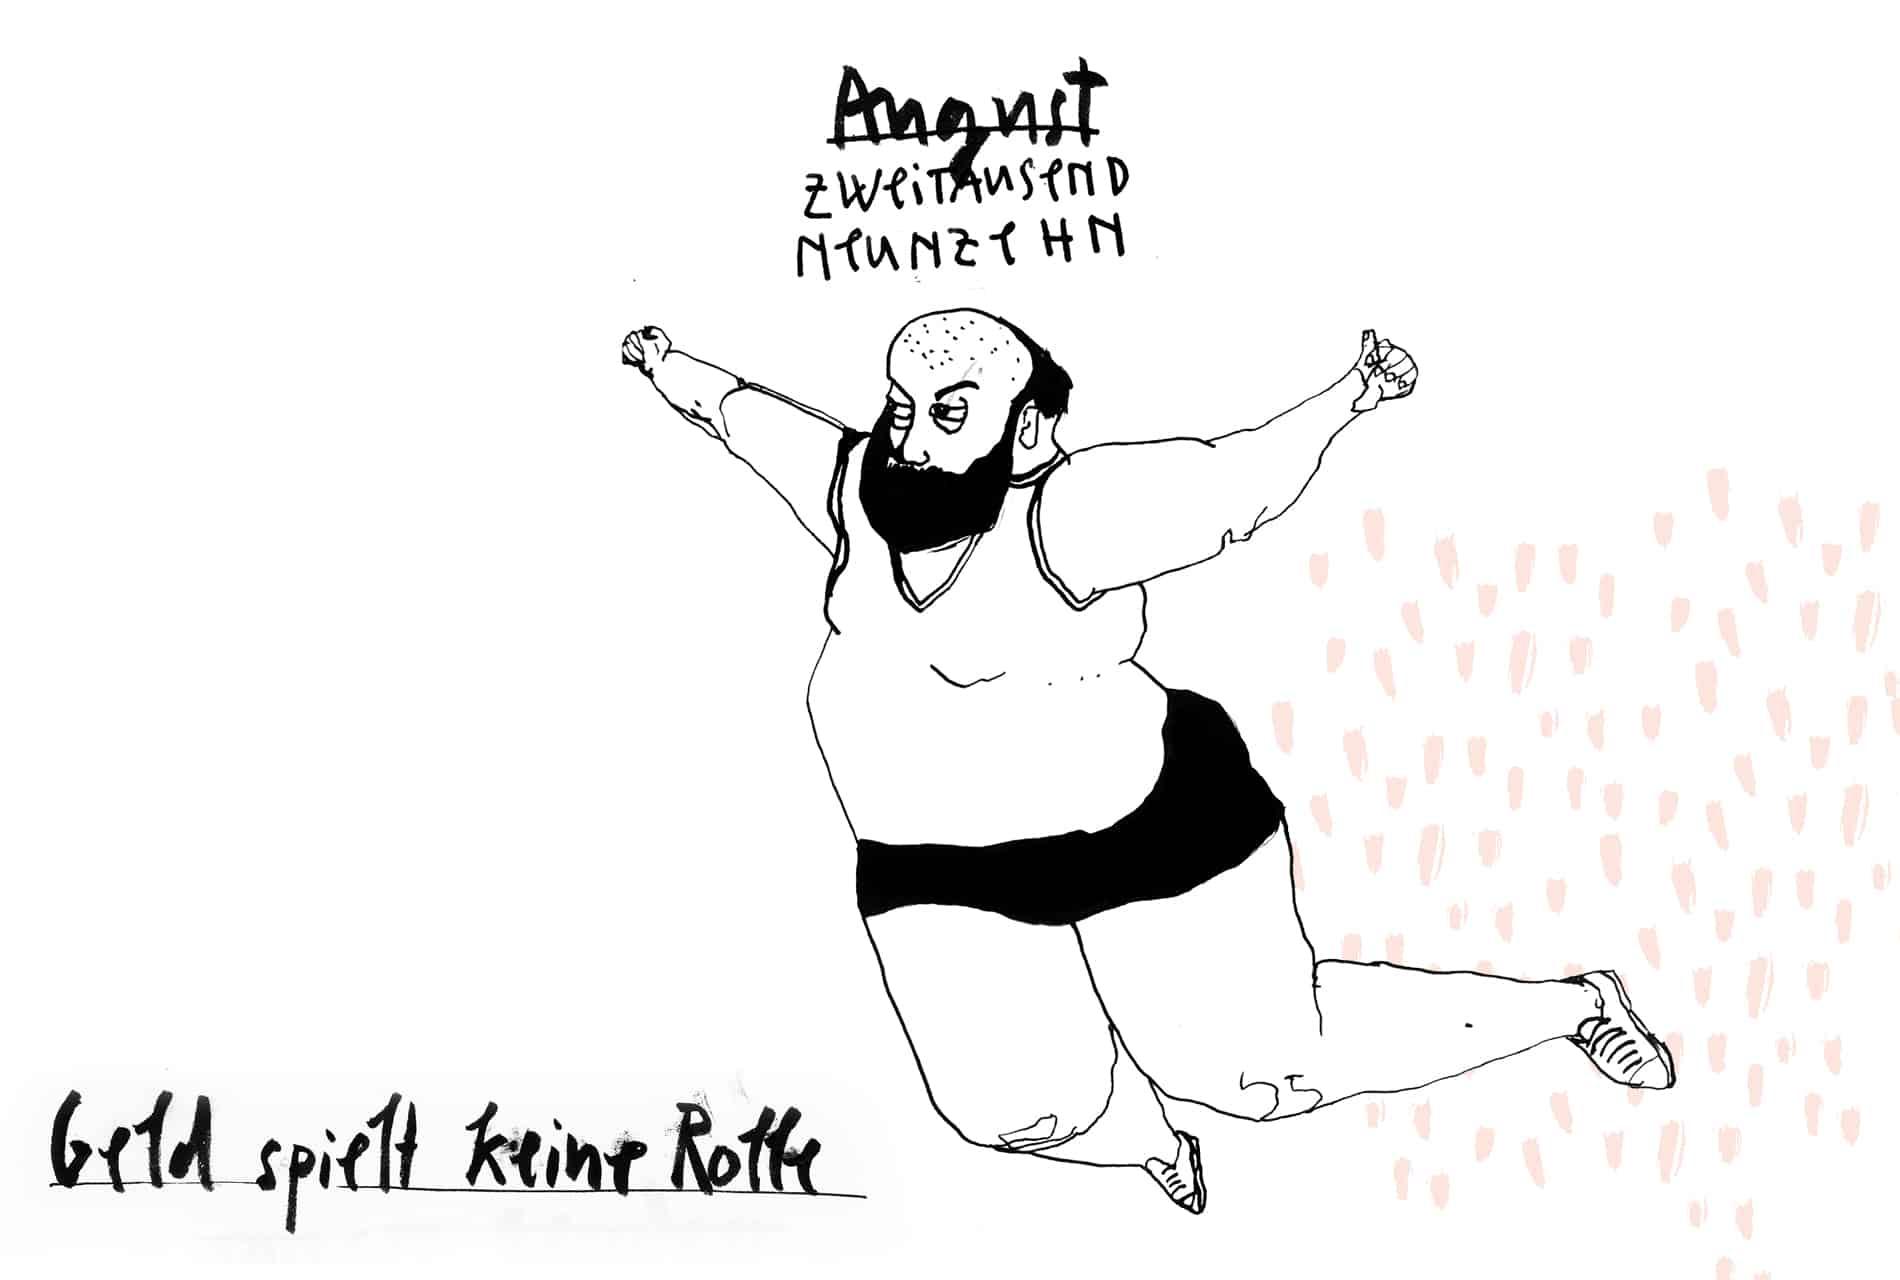 Matrosenhunde Illustration Zeichnung Illustratorin Text Prosa Monatskalender August Geld spielt keine Rolle